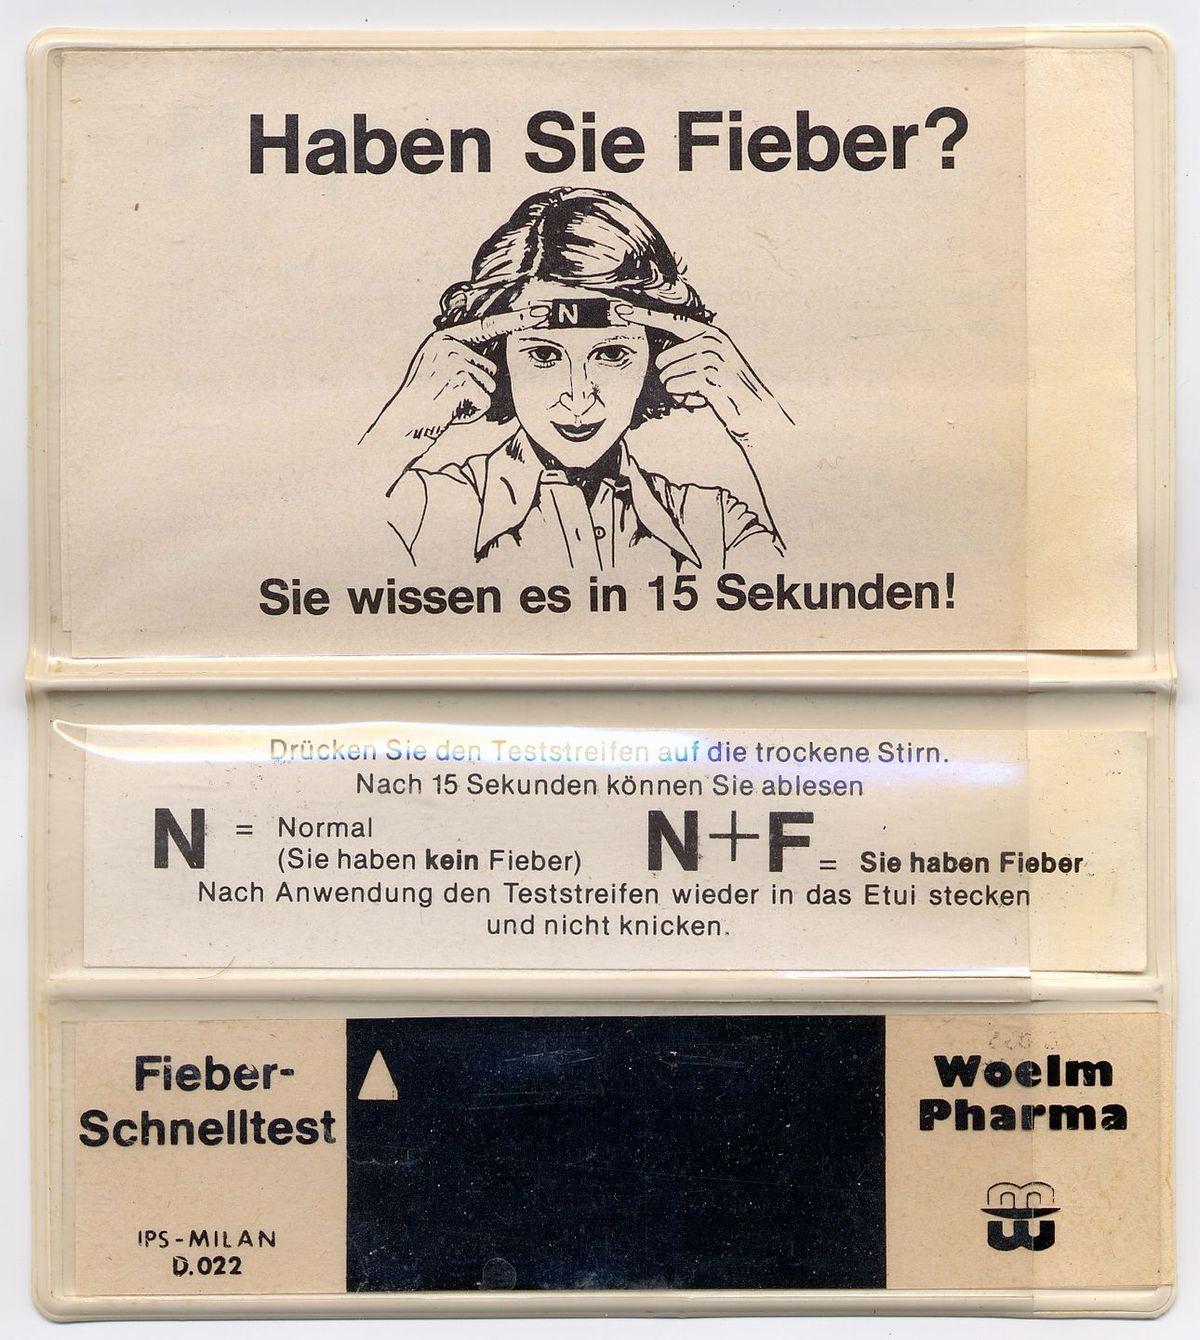 Chemie-Treff der Bezirksregierung Düsseldorf - Chemie für die Schule